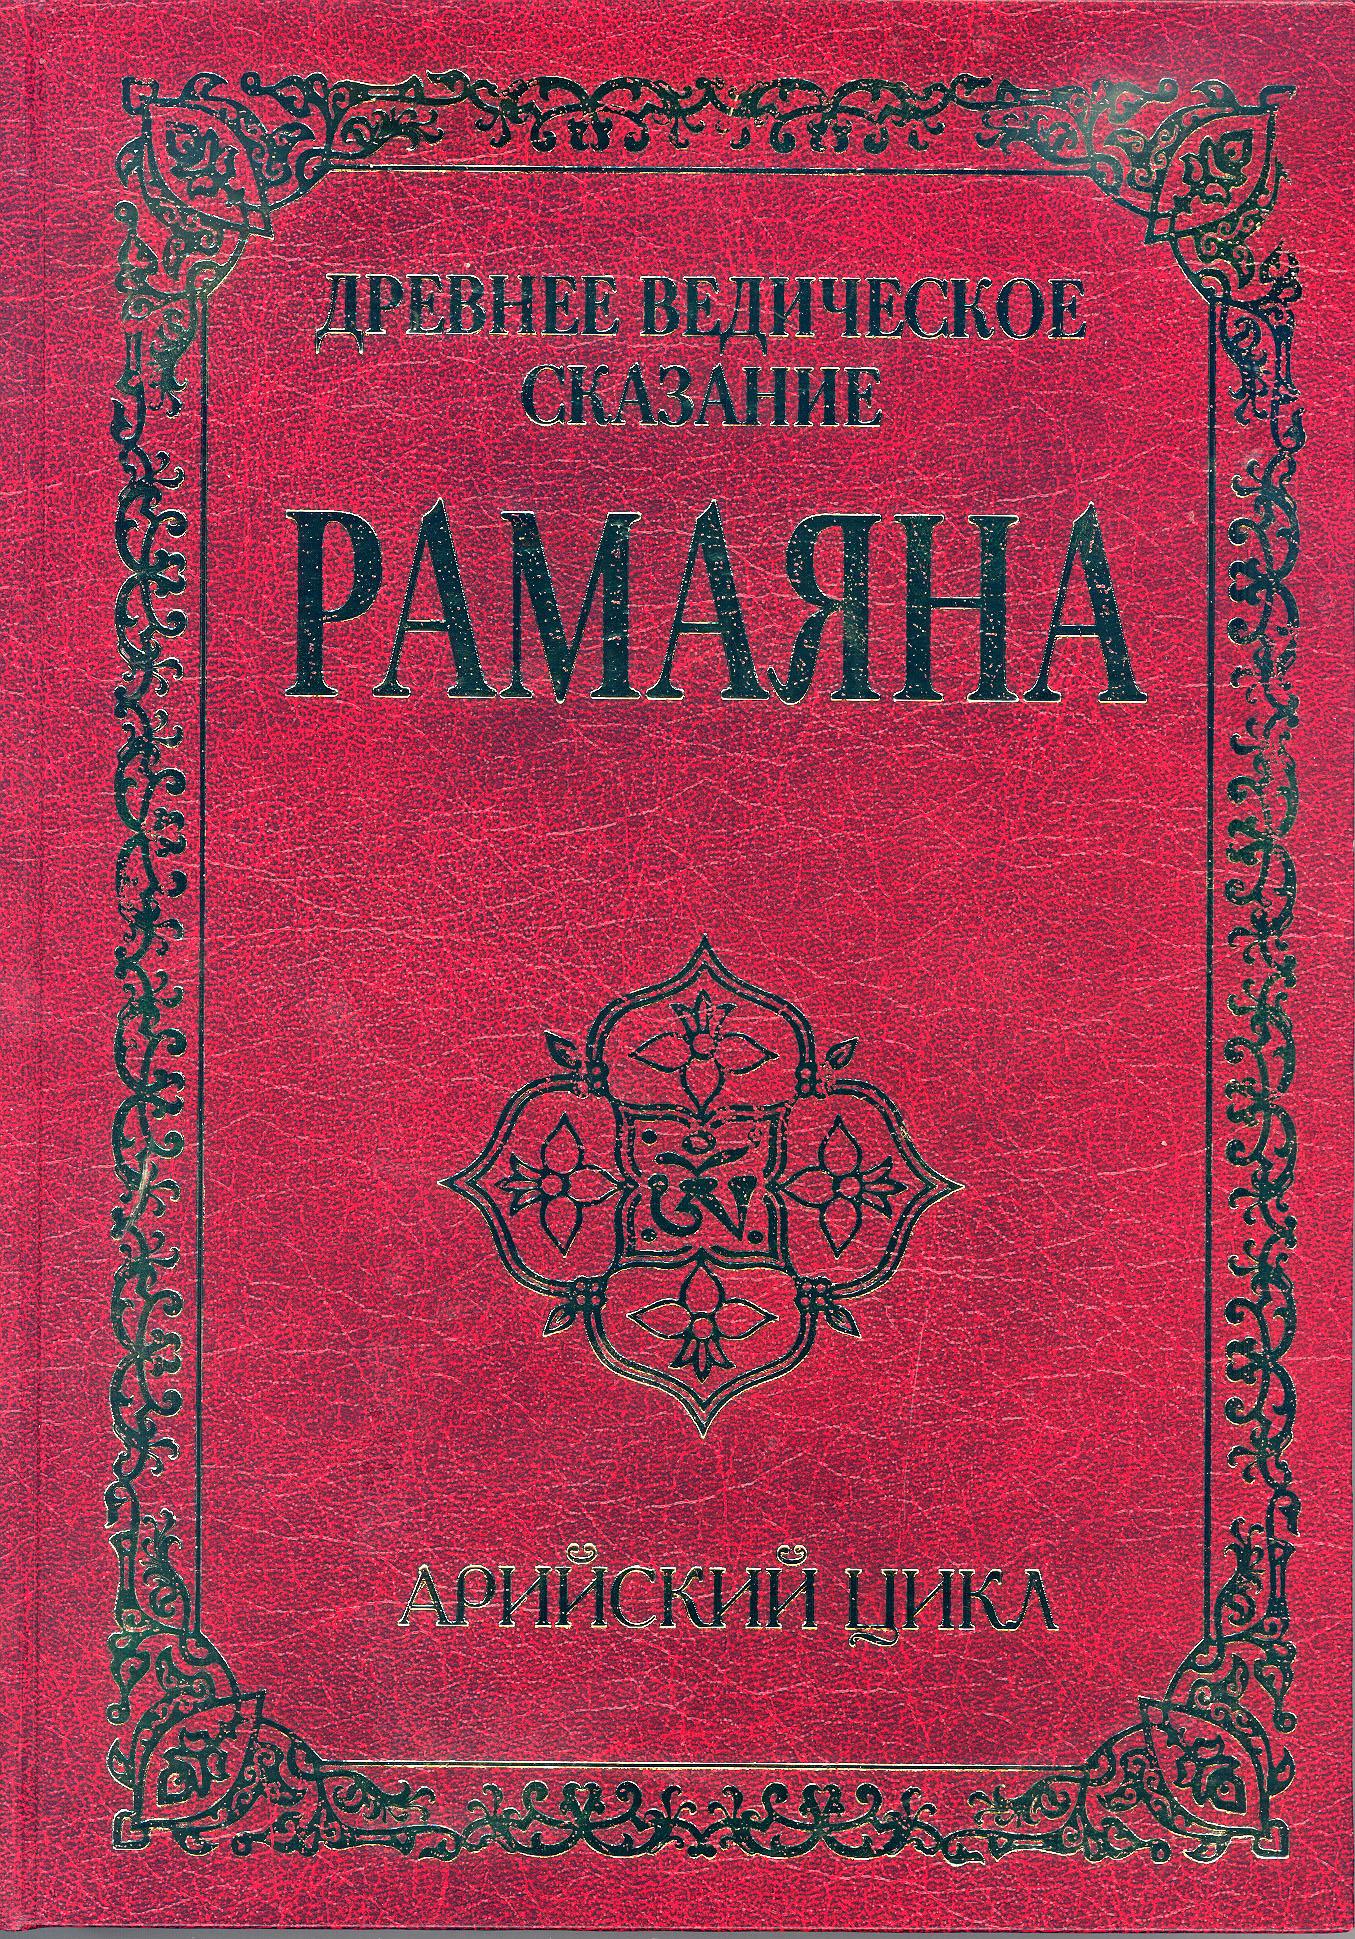 Древнее ведическое сказание Рамаяна. 3-е изд. Арийский цикл